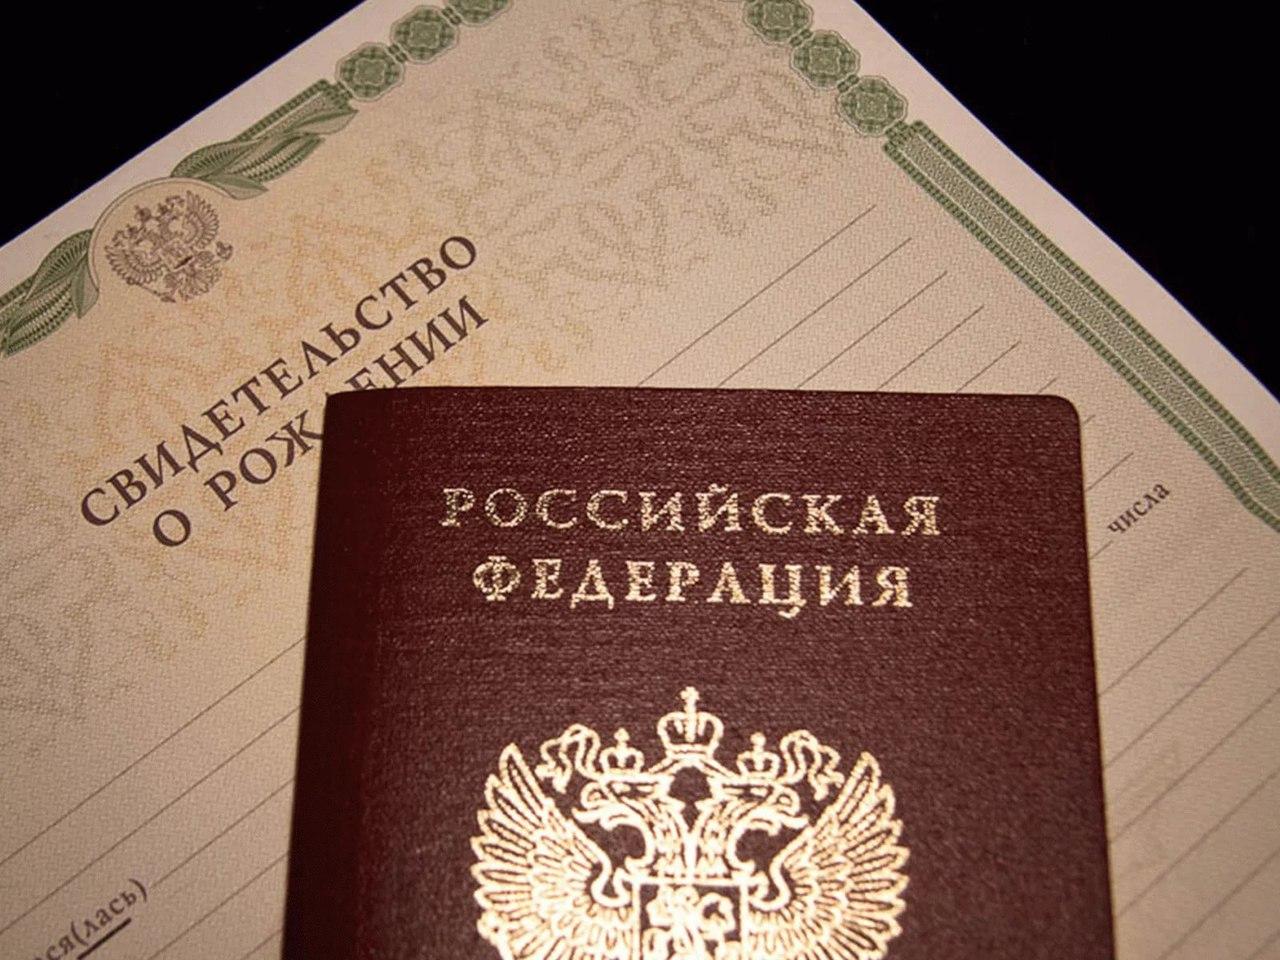 Как получить сертификат о рождении для паспорта?